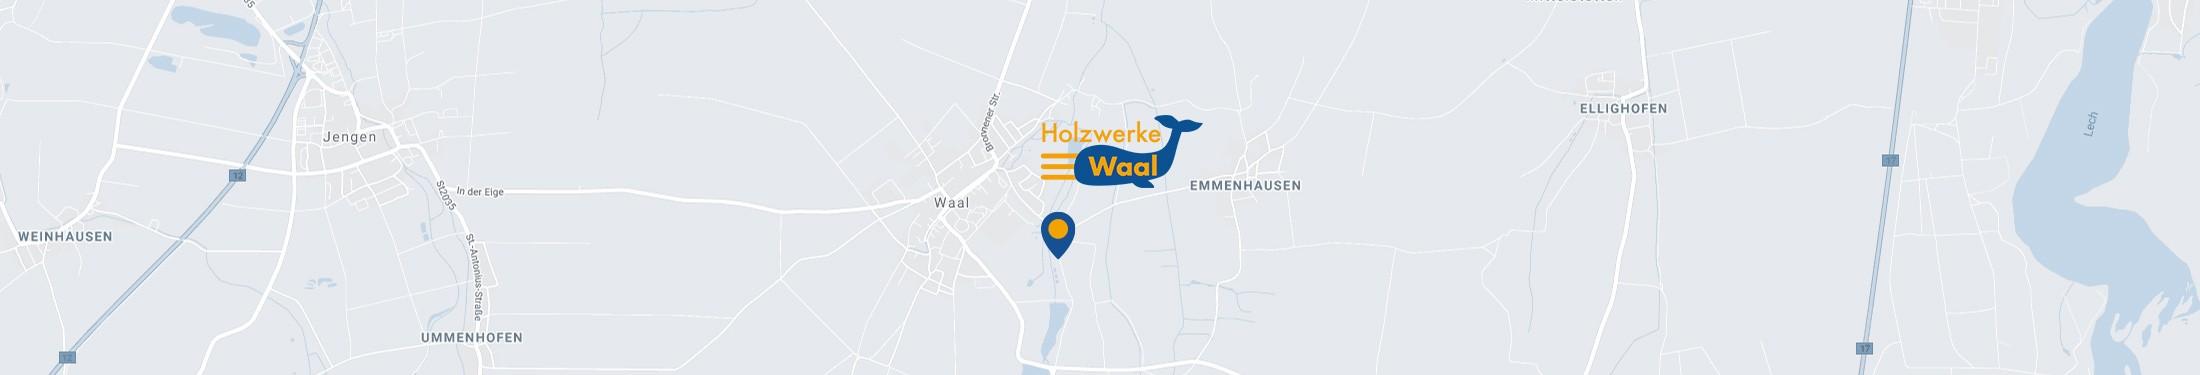 Karte Holzwerke Waal